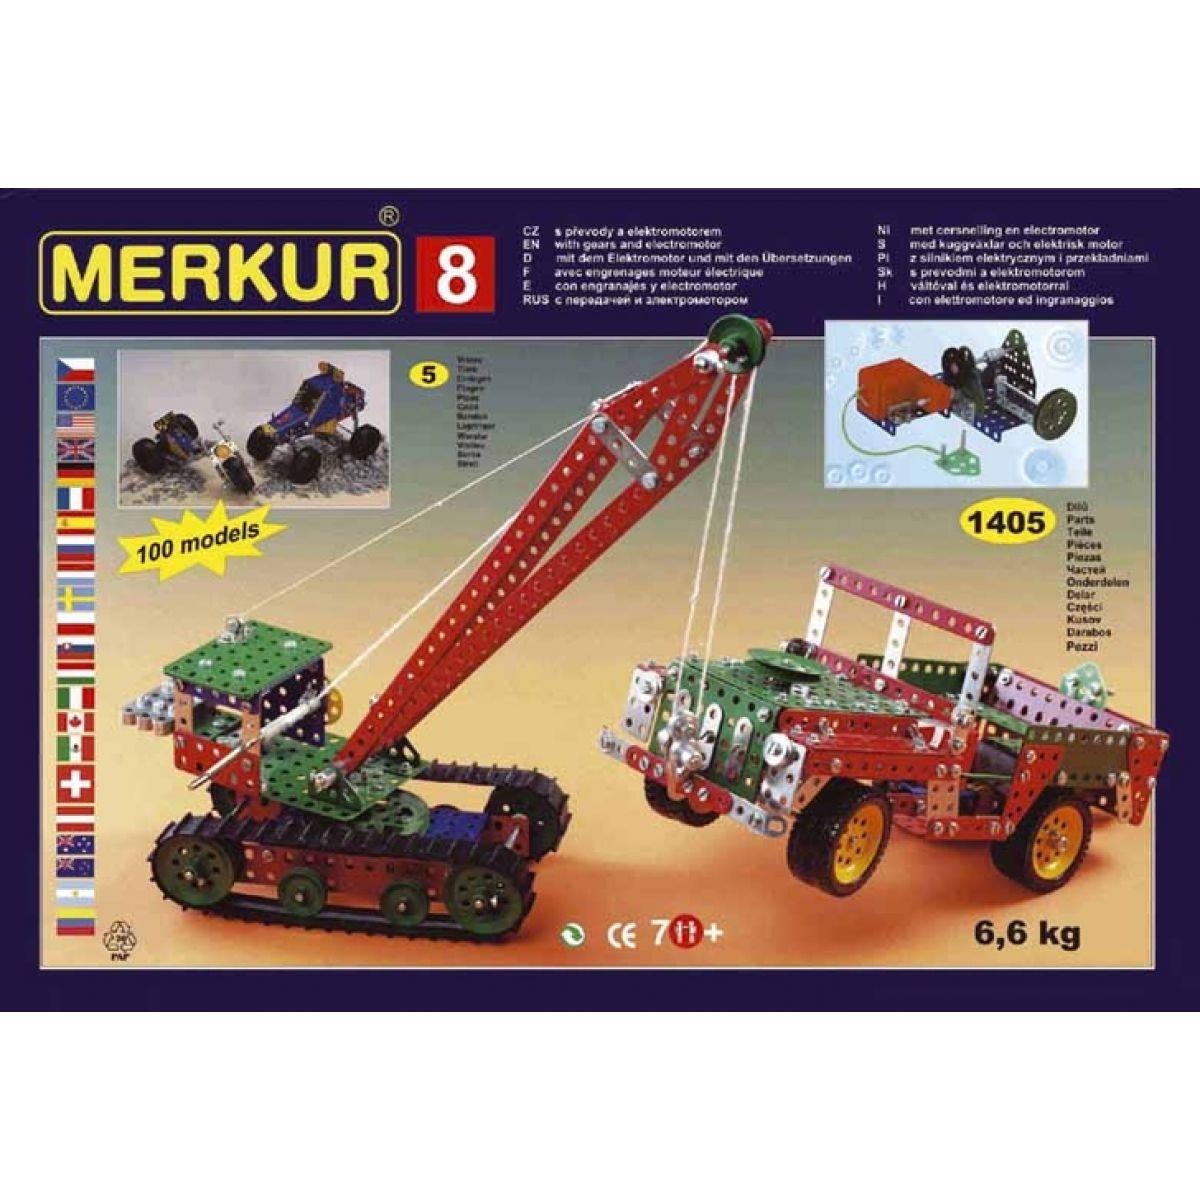 Merkur 8 stavebnice